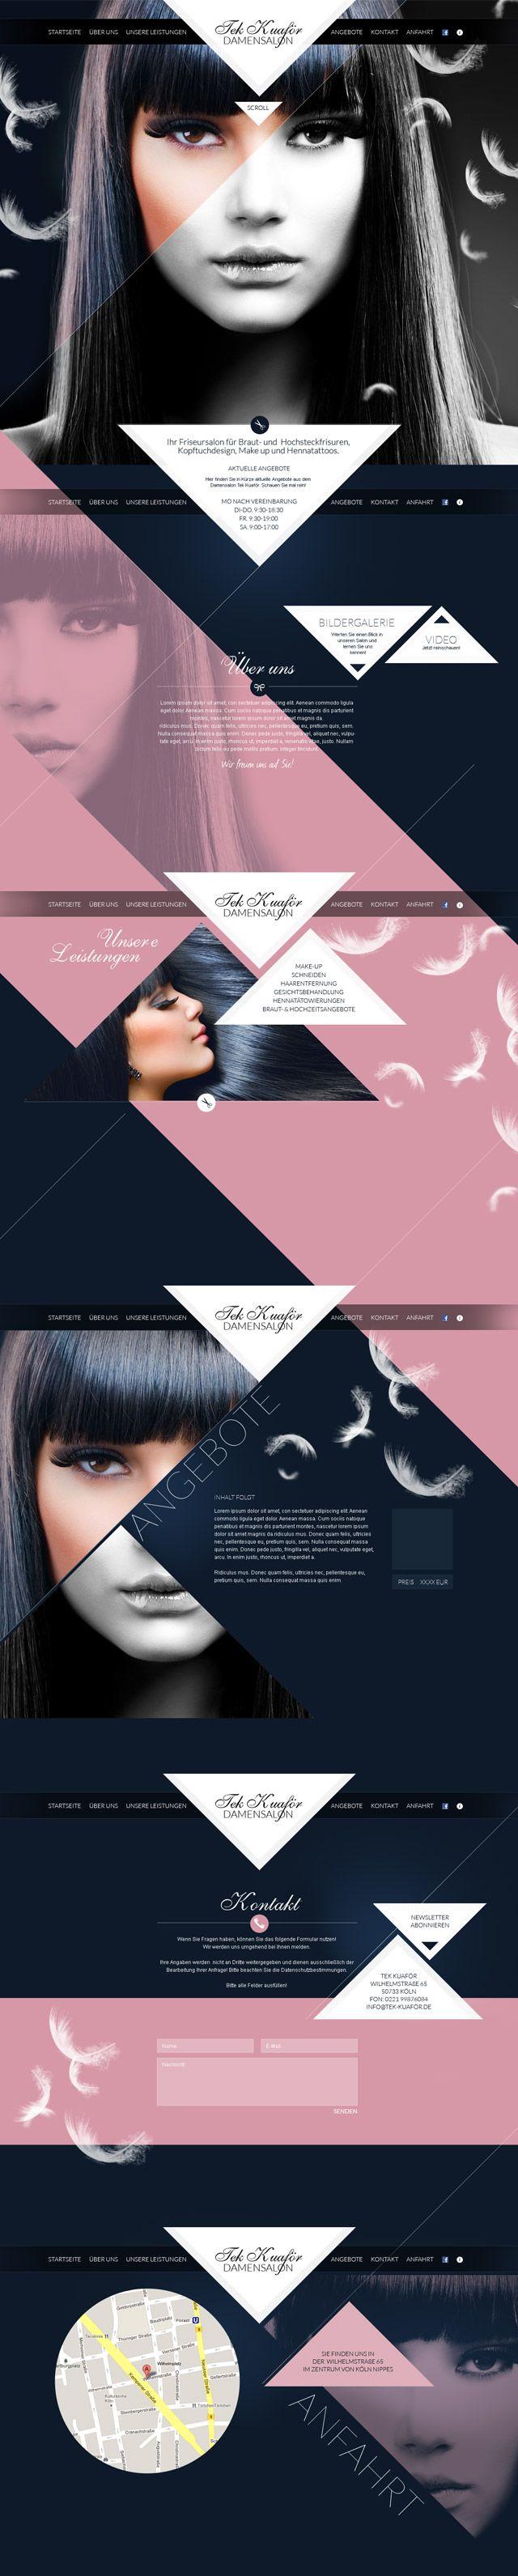 Singlepage, Webdesign Gestaltung für einen Damensalon in Köln